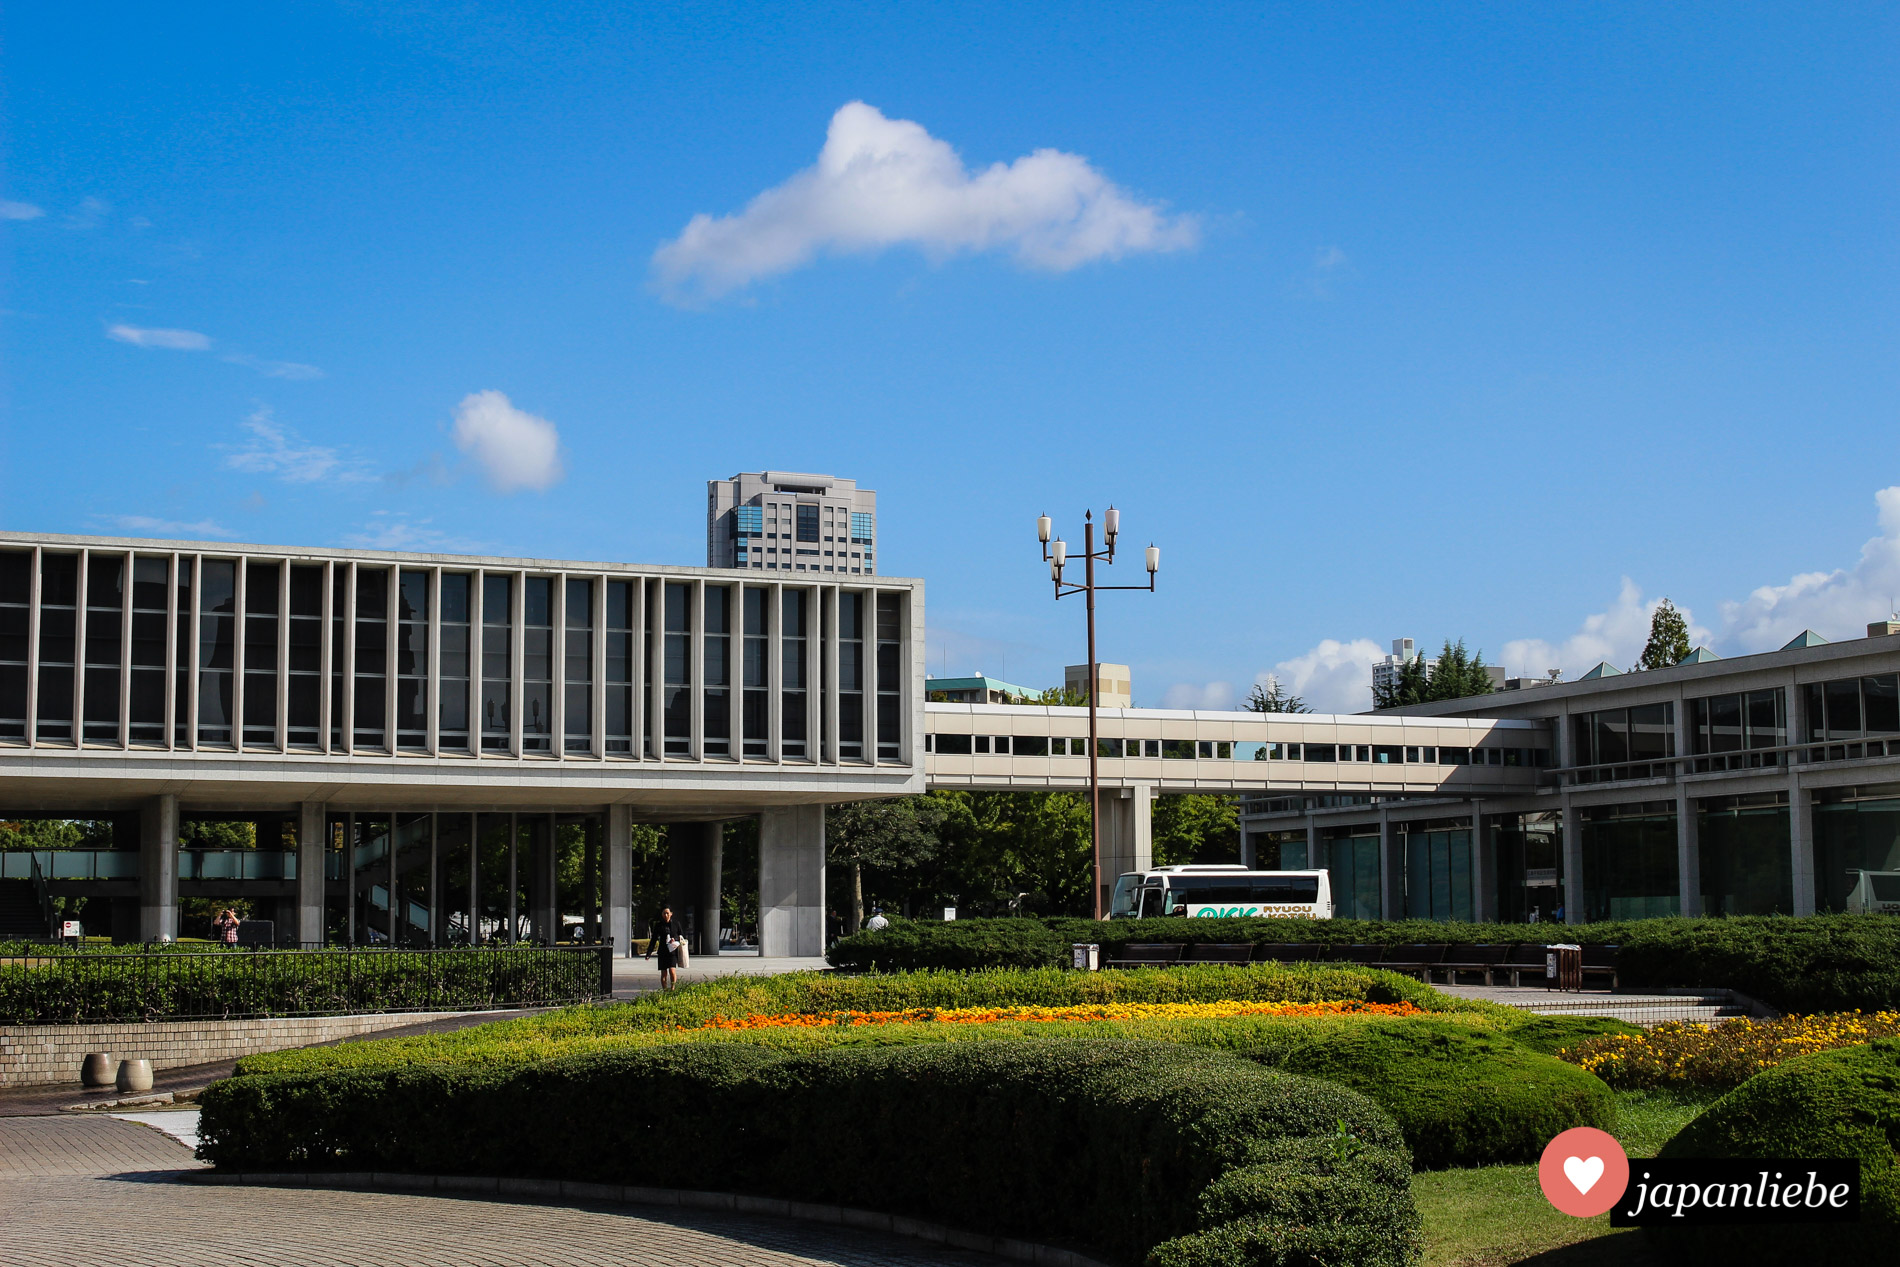 Das Friedensmuseum Hiroshima wurde unter der Federführung von Architekt Kenzo Tange entworfen.